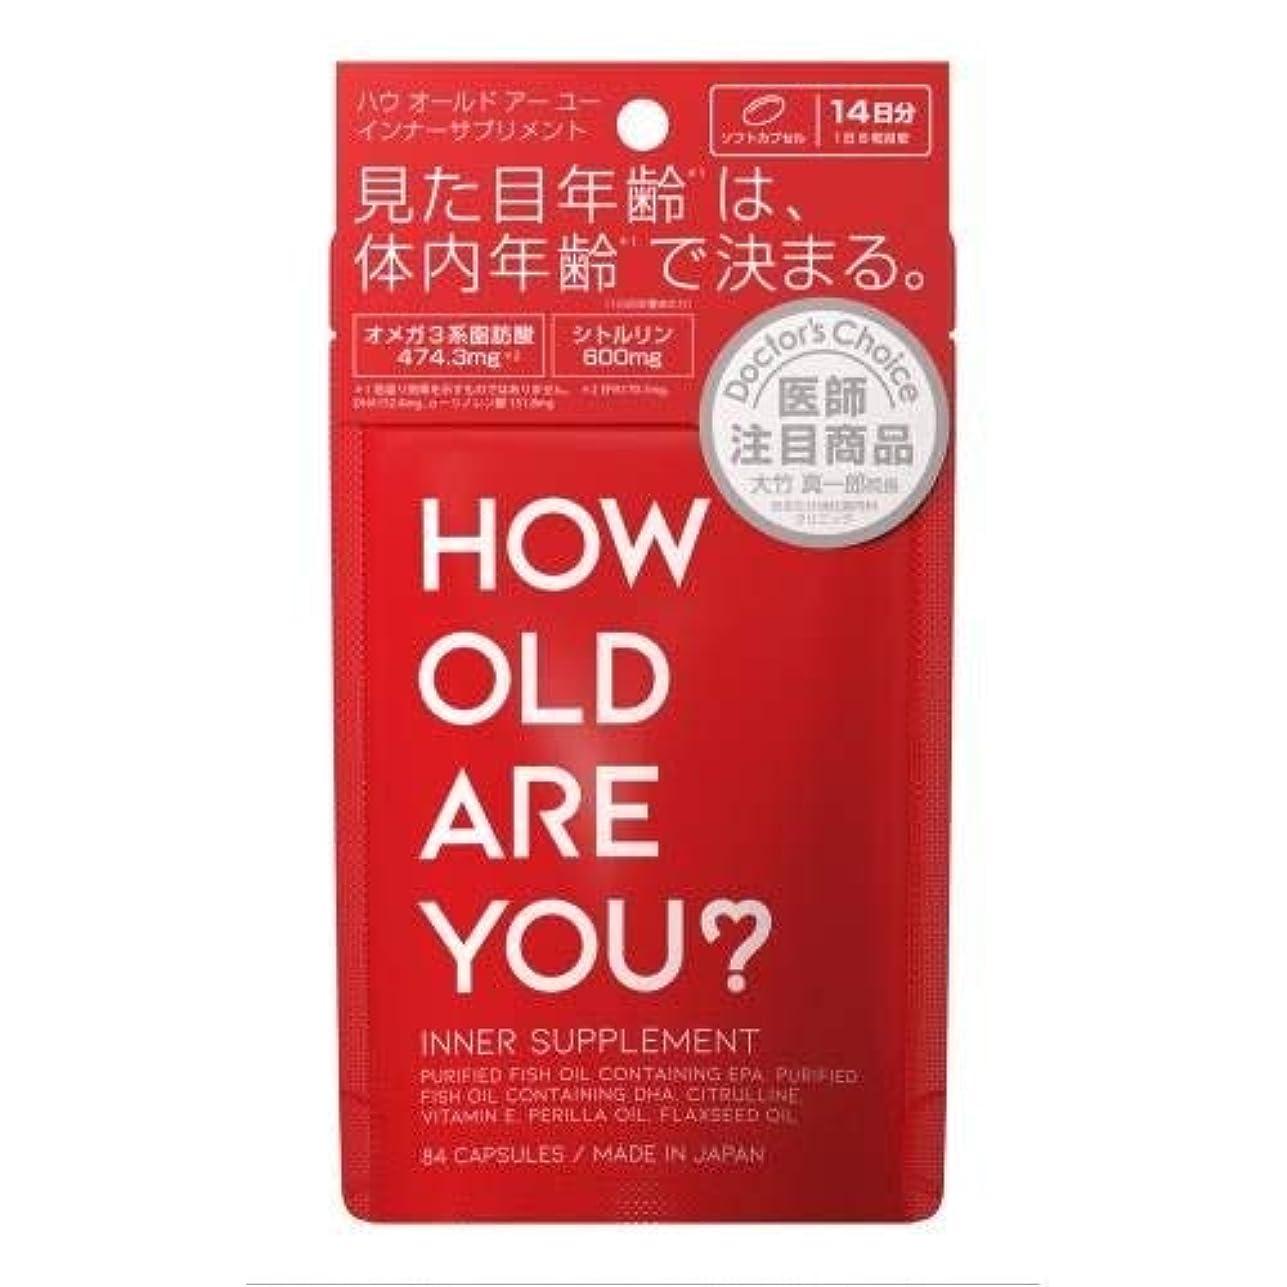 パネル解釈的桃【2個セット】HOW OLD ARE YOU?インナーサプリメント 84粒